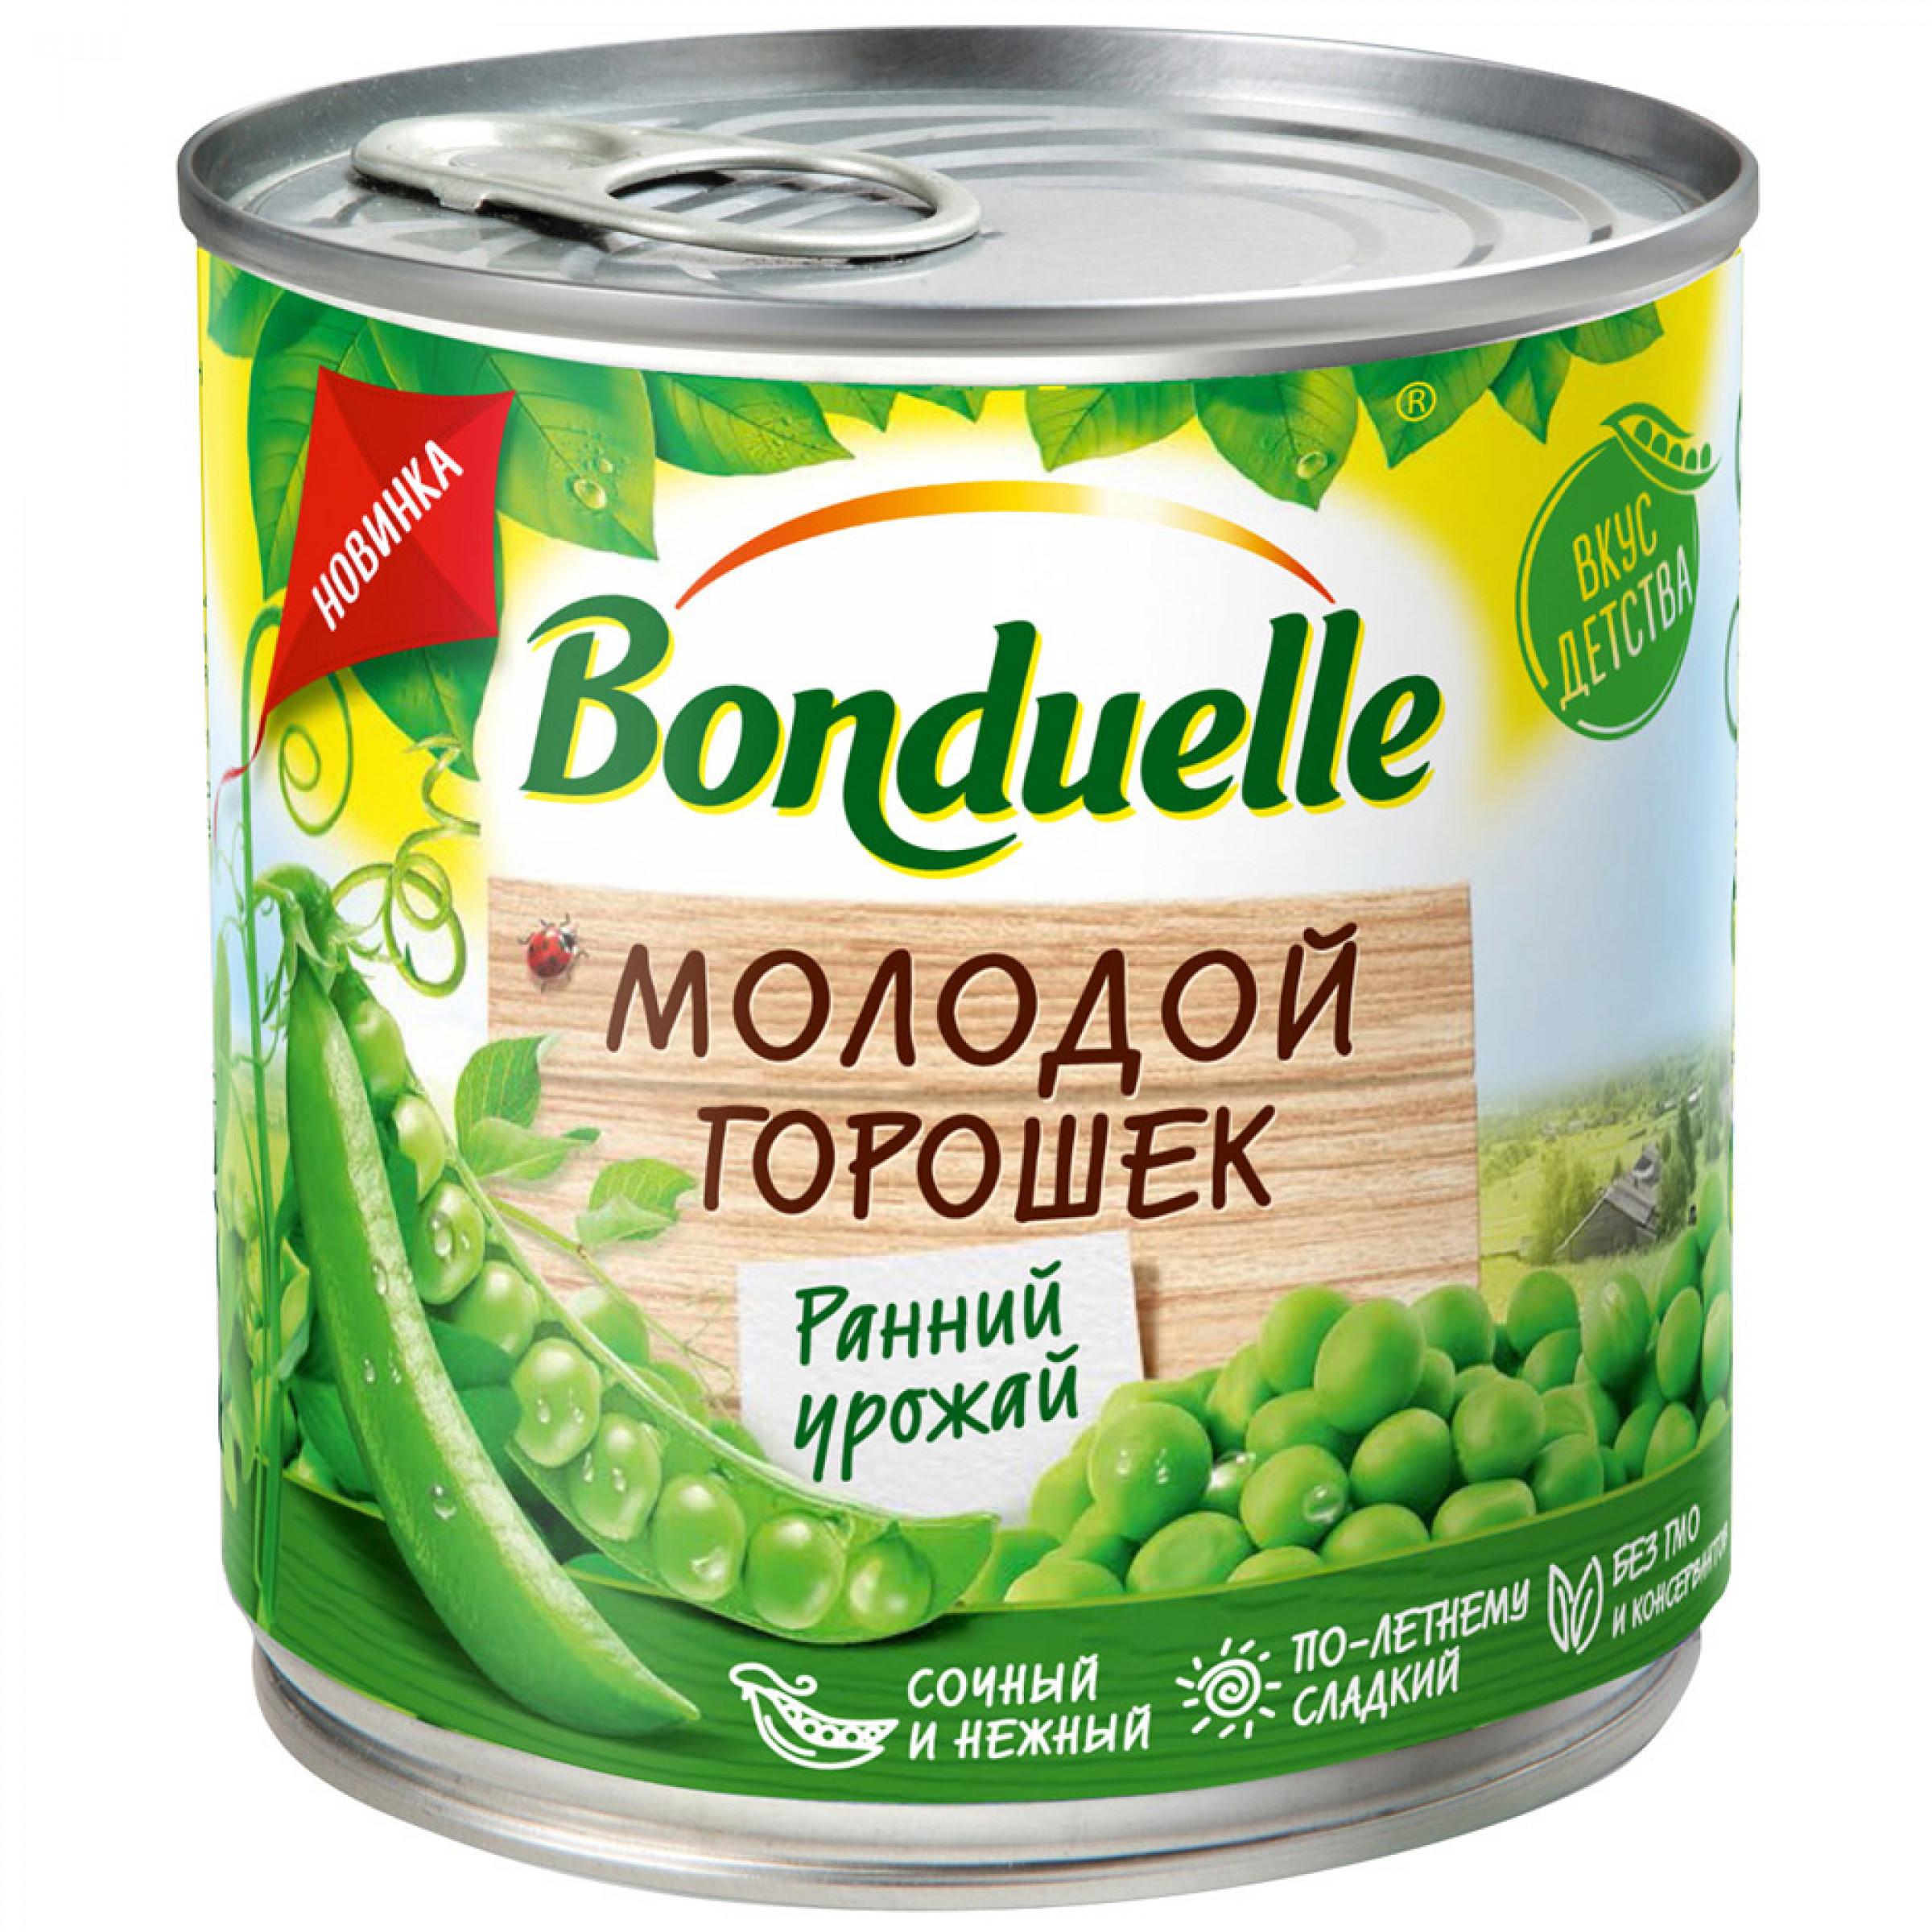 Горошек Зеленый BONDUELLE Молодой, 425 мл